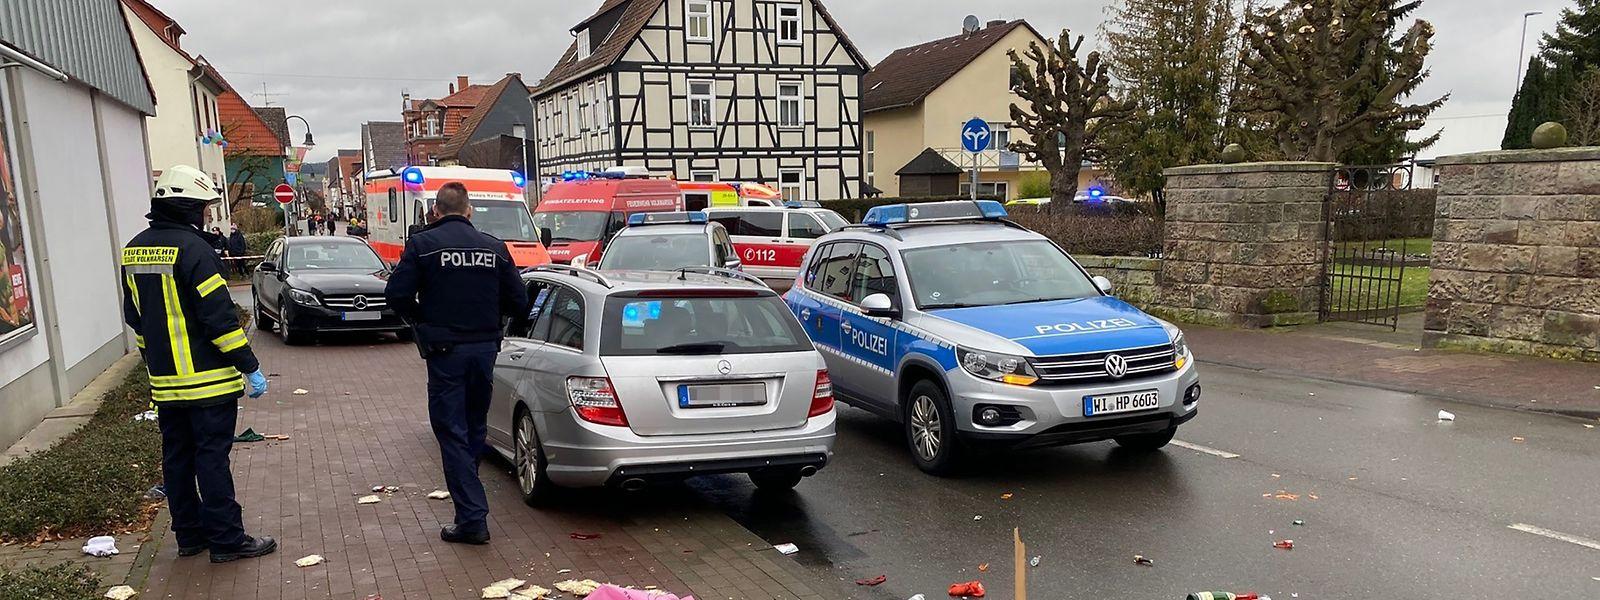 Der Fahrer des grauen Mercedes durchbrach zuerst eine Absperrung und fuhr anschließend in die Menschenmenge.